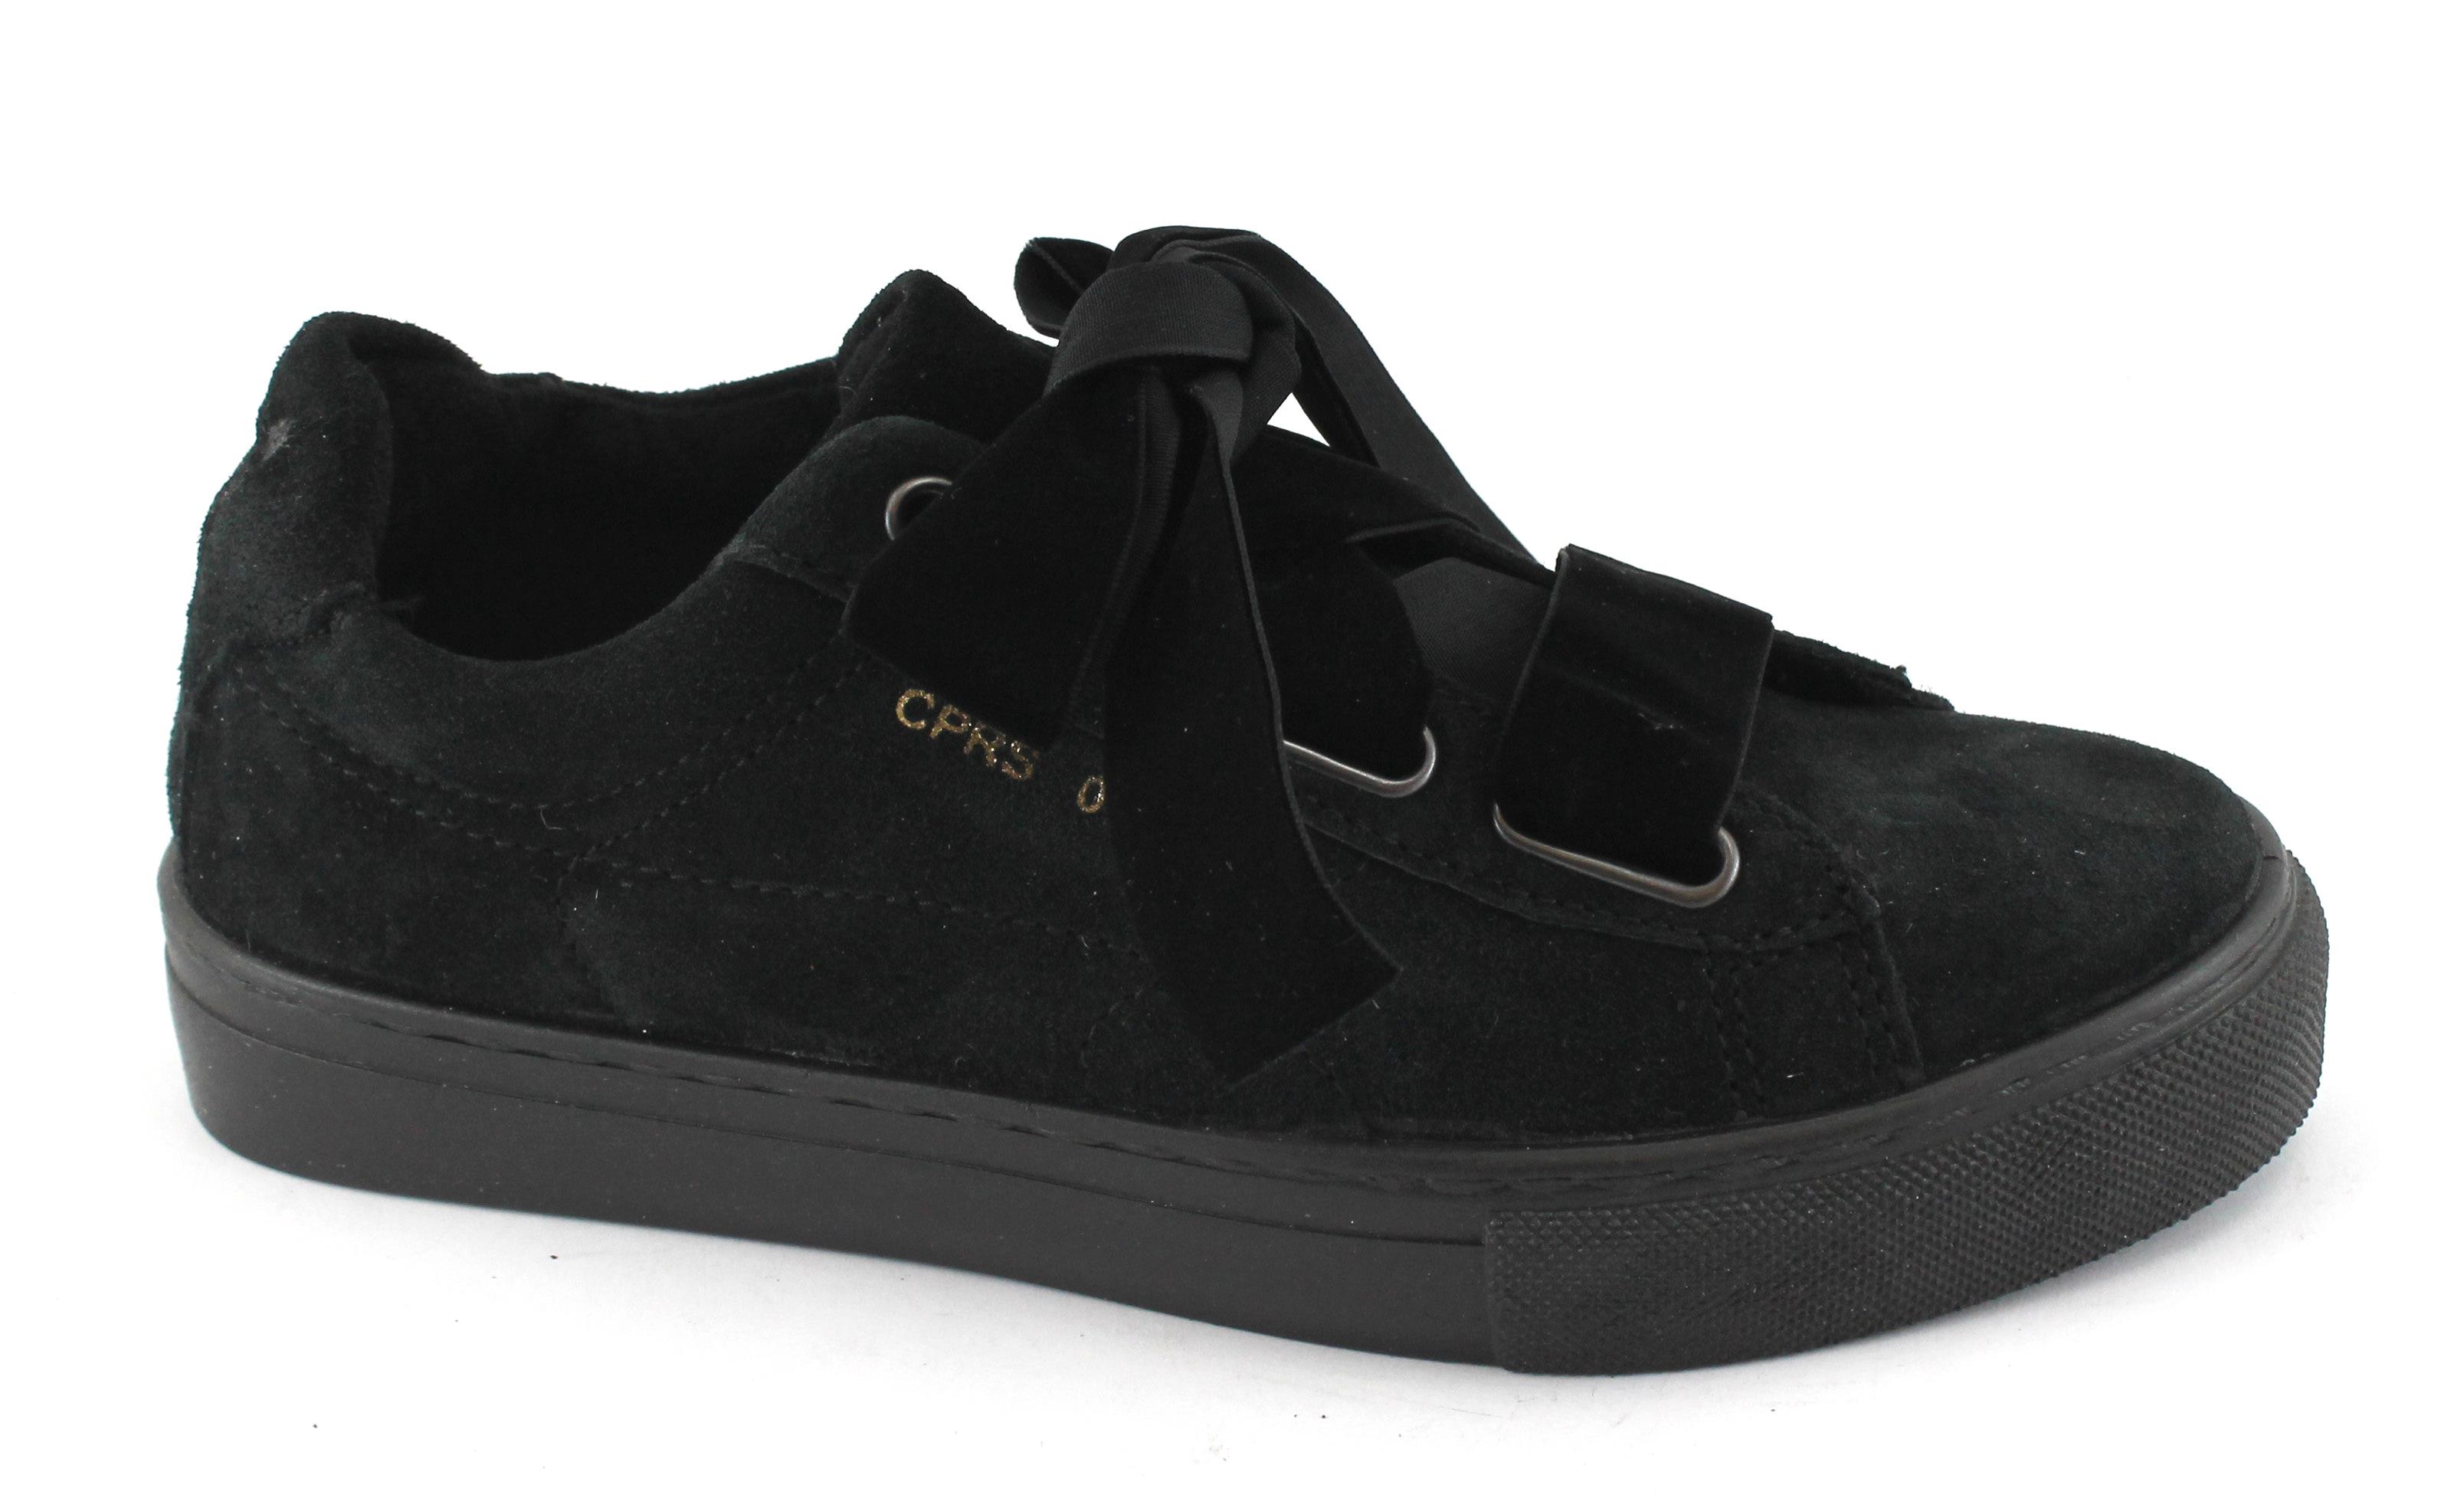 DIVINE FOLLIE 107 nero scarpe donna camoscio scarpe da ginnastica lacci camoscio donna 9647b2